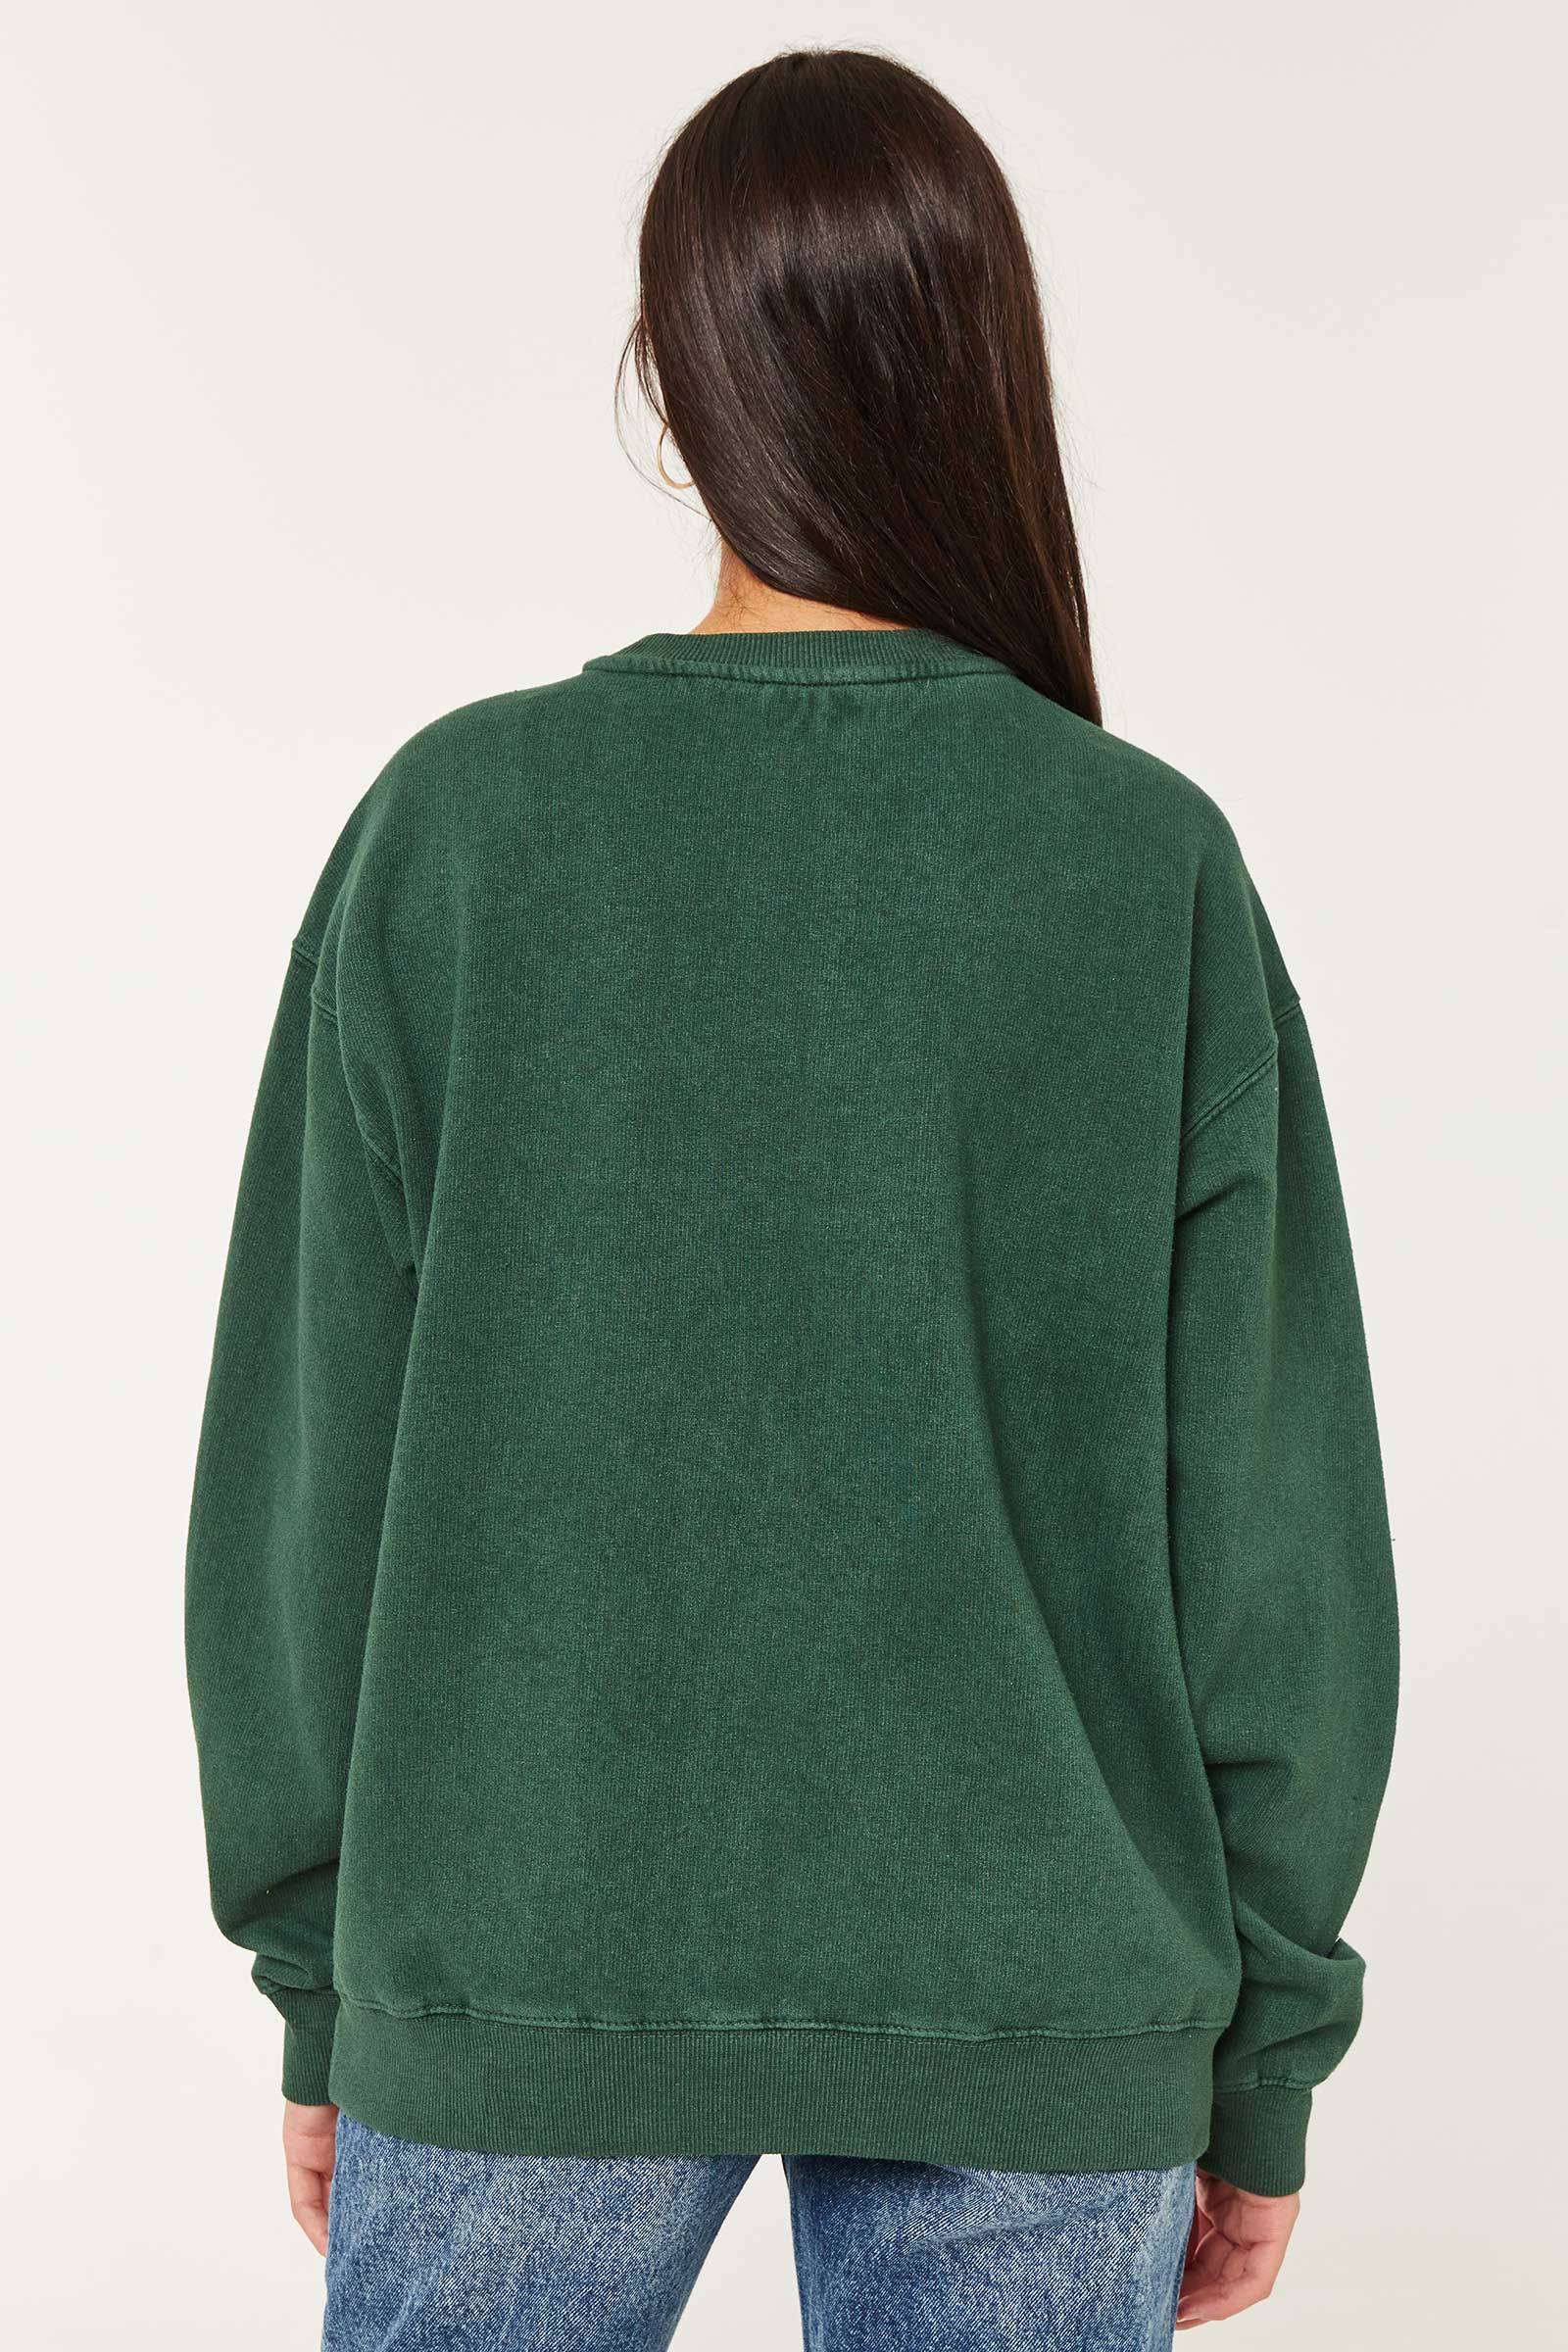 Concord Crew-Neck Sweatshirt